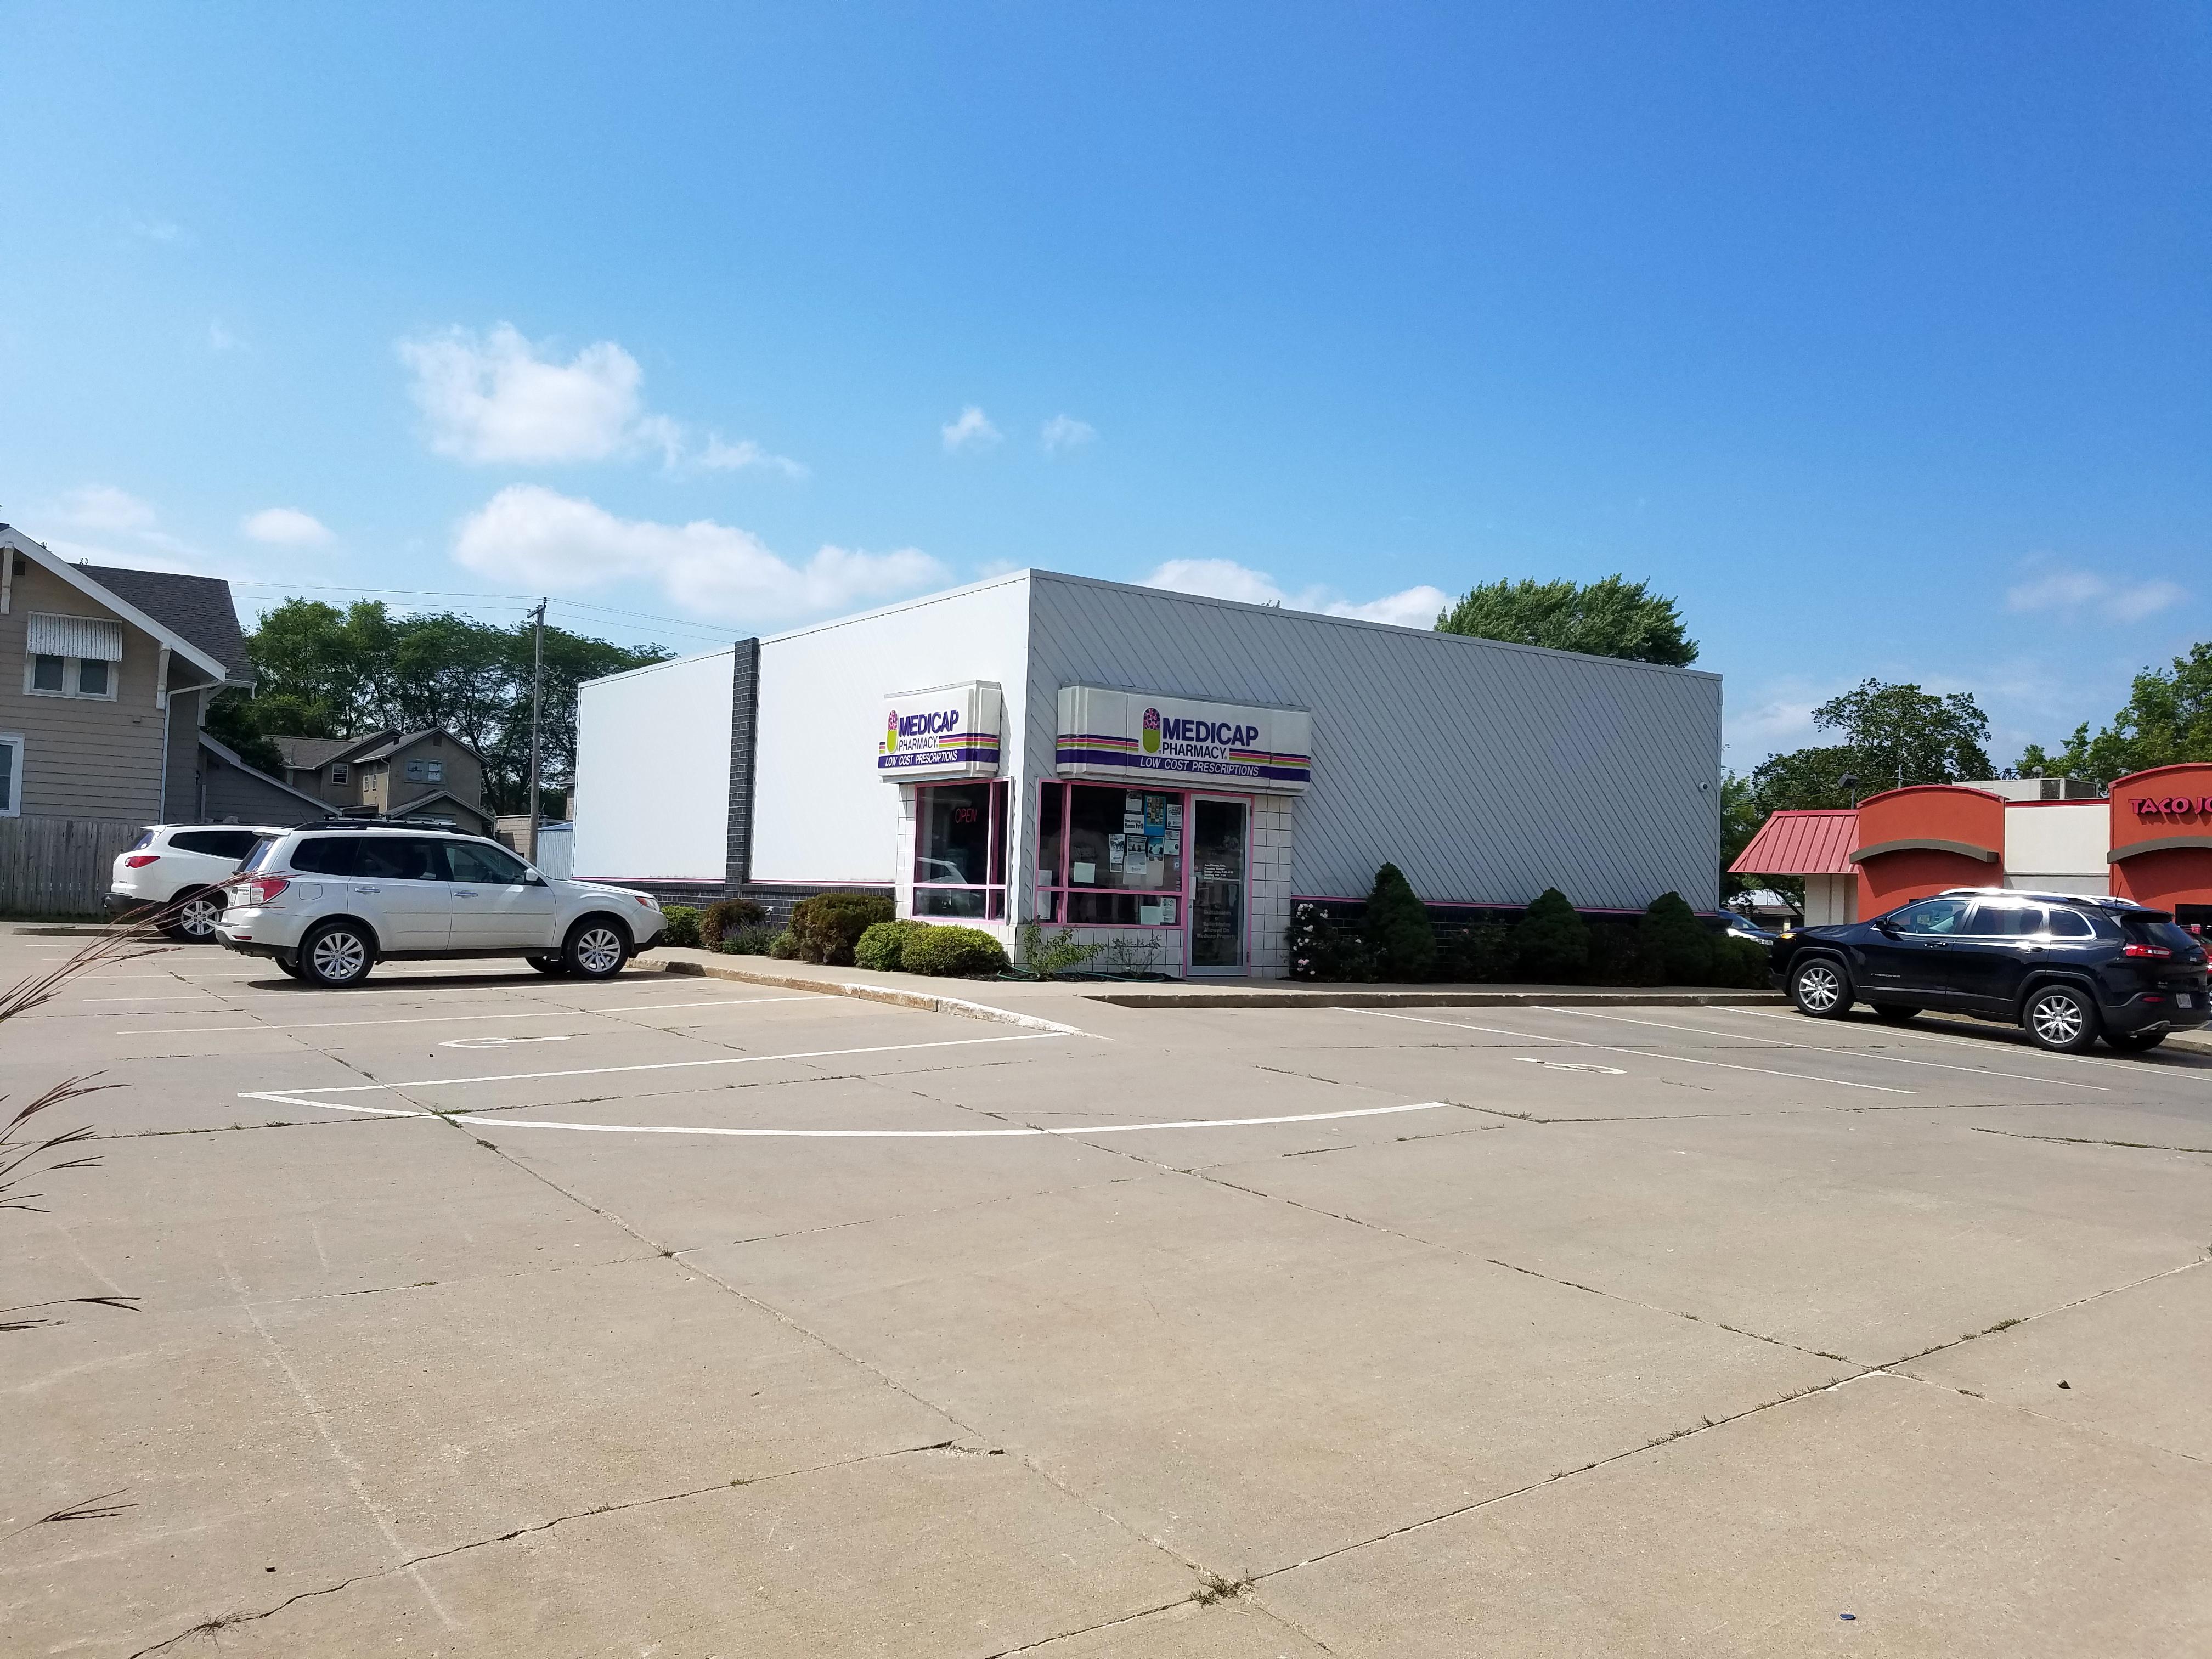 Boone Medicap Storefront